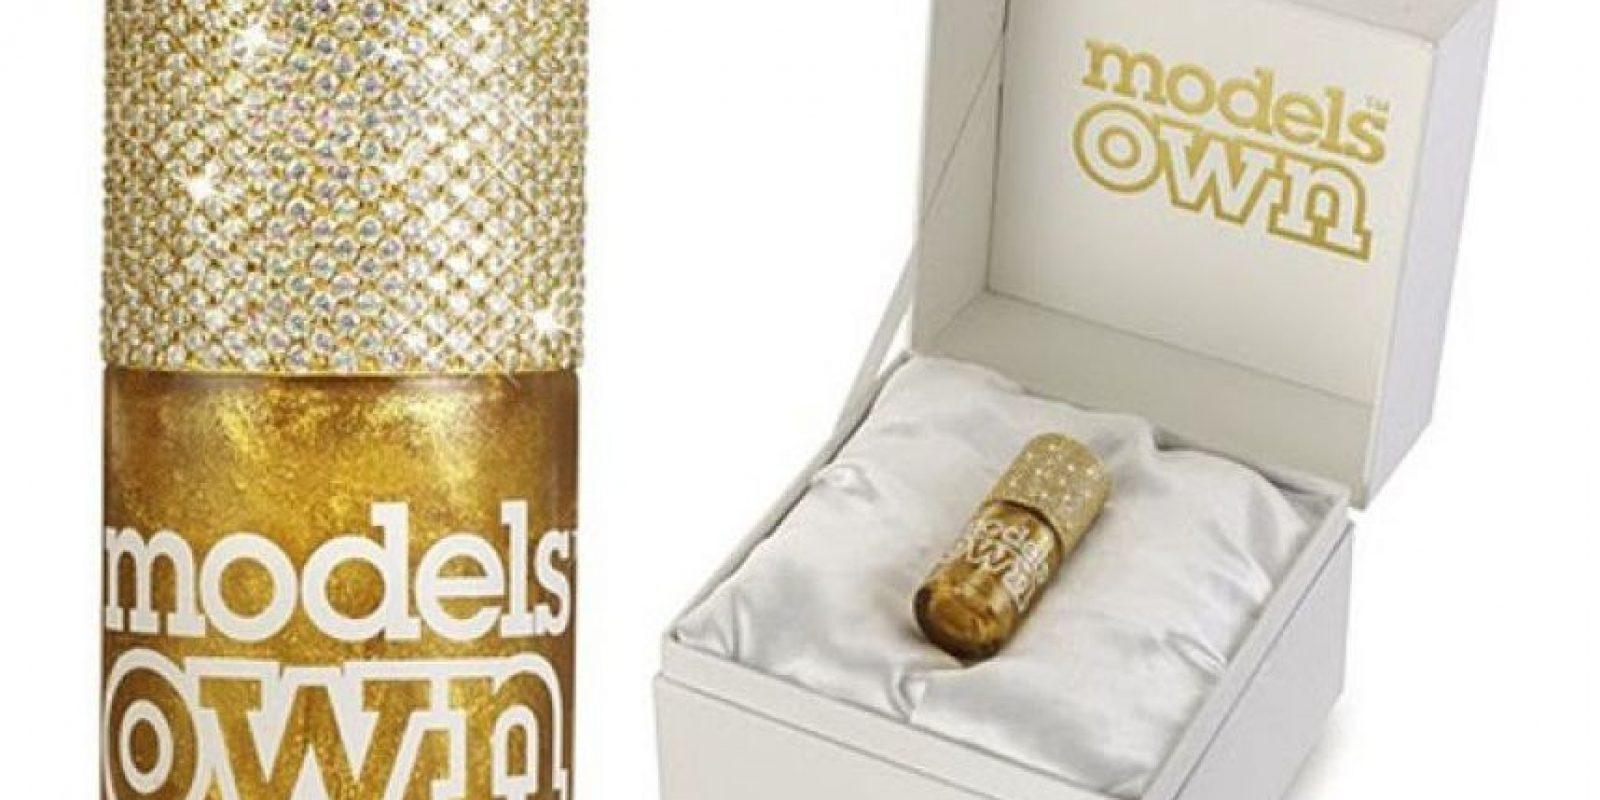 Este esmalte de uñas cuesta 130 mil dólares Foto: Models Own